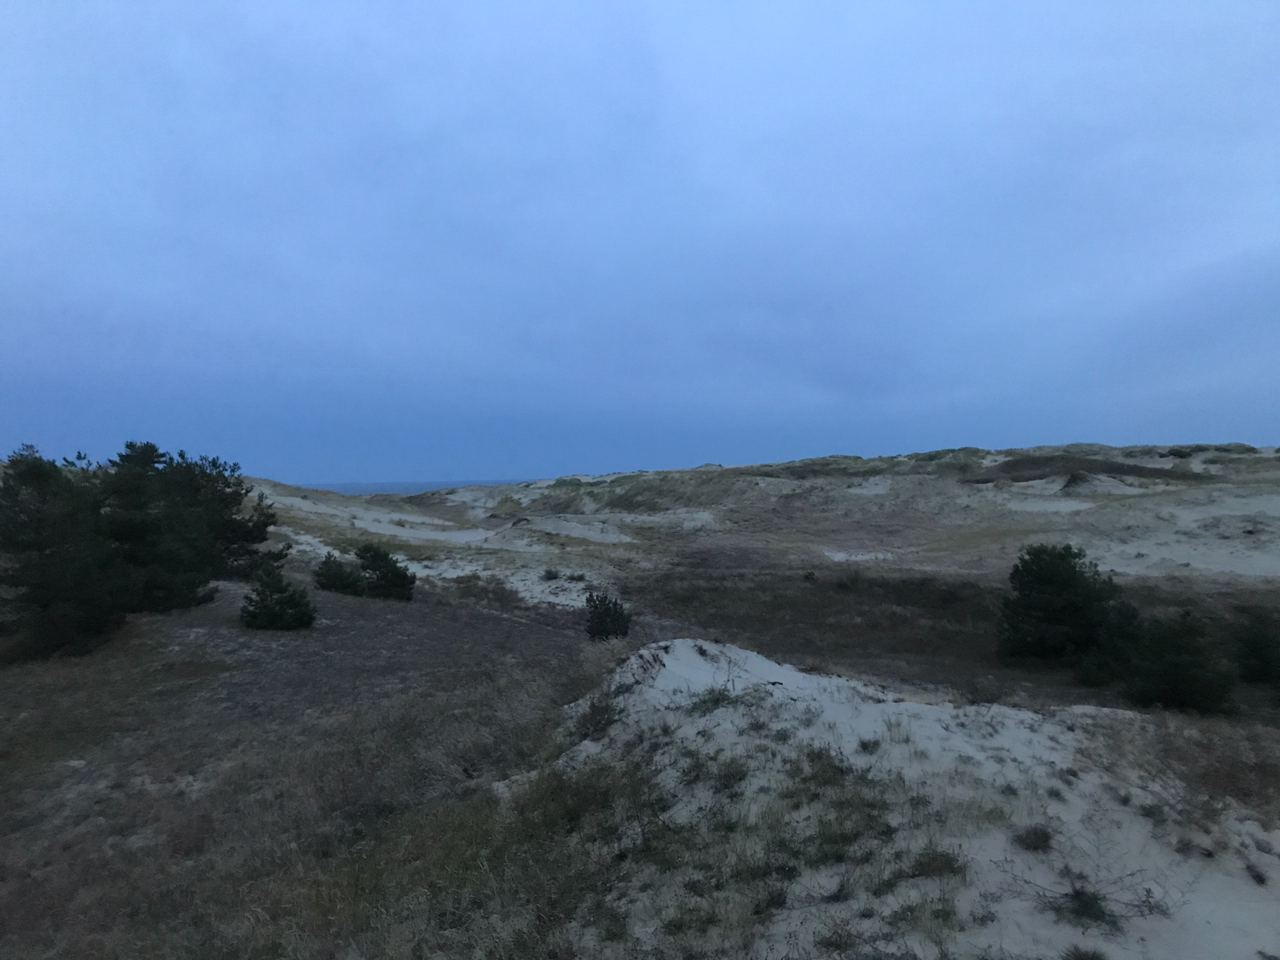 Дюны на высоте Эфа. Ходить по ним строго запрещено